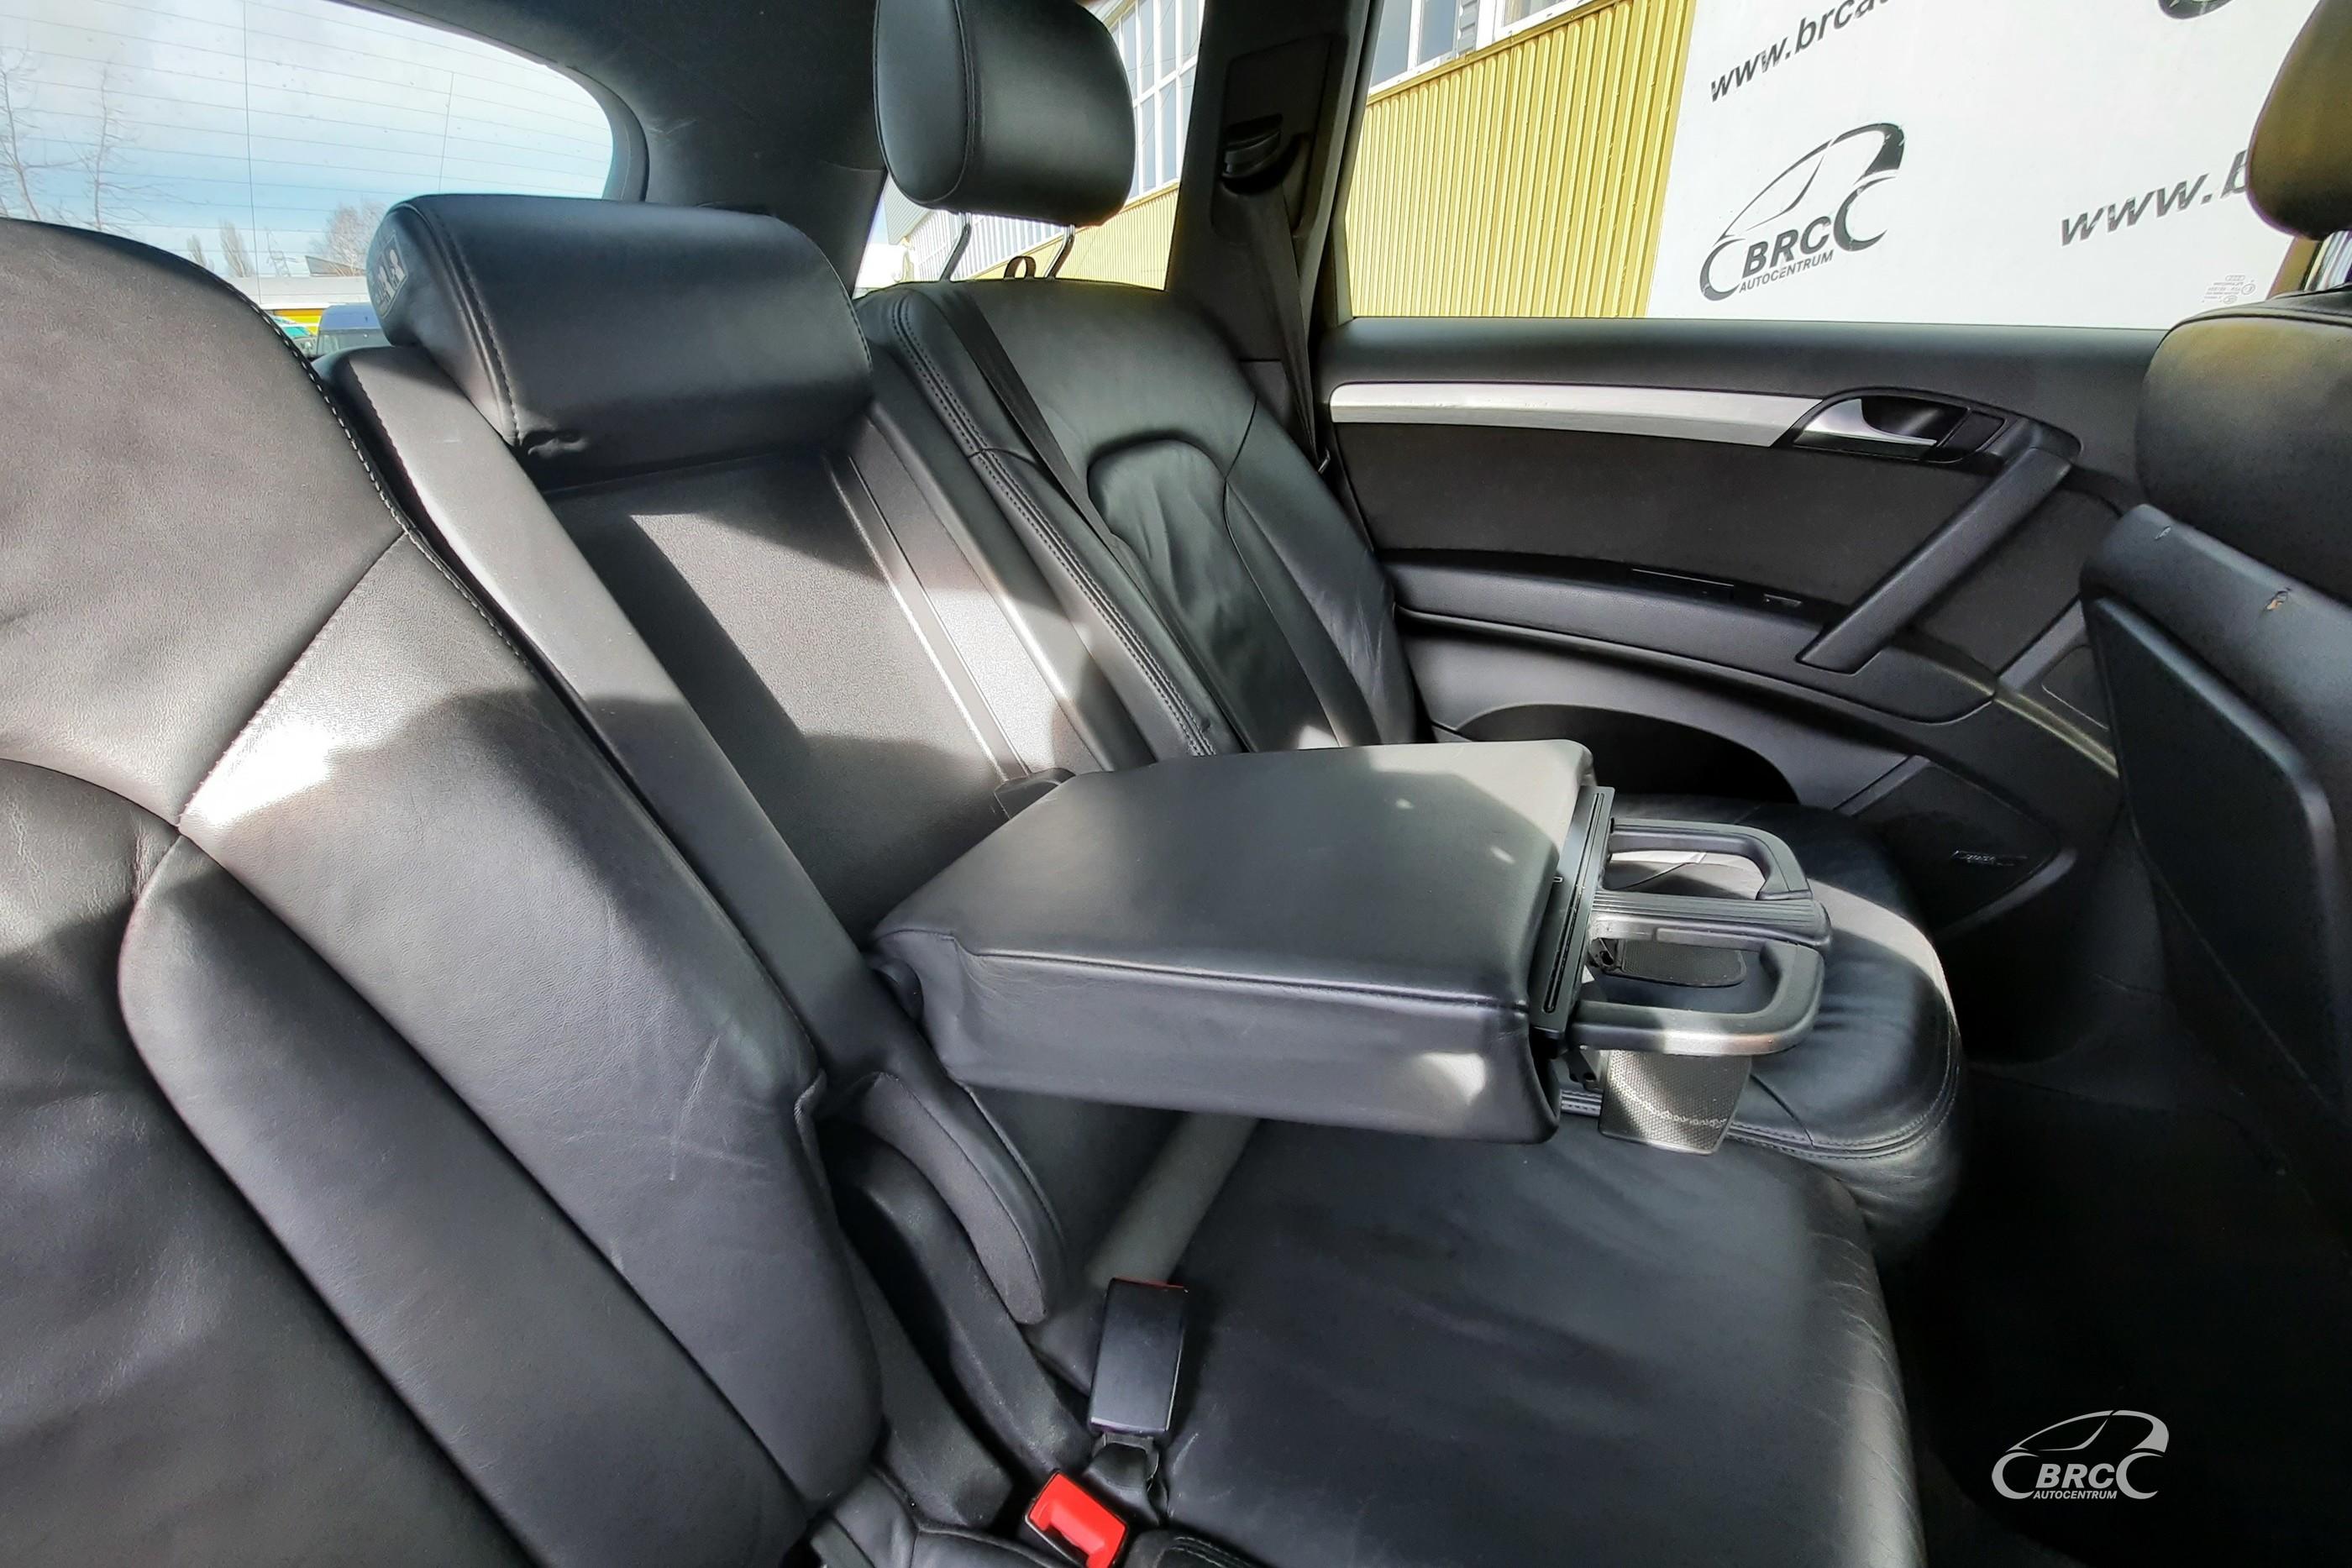 Audi Q7 4.2 TDI Quattro S-Line Automatas